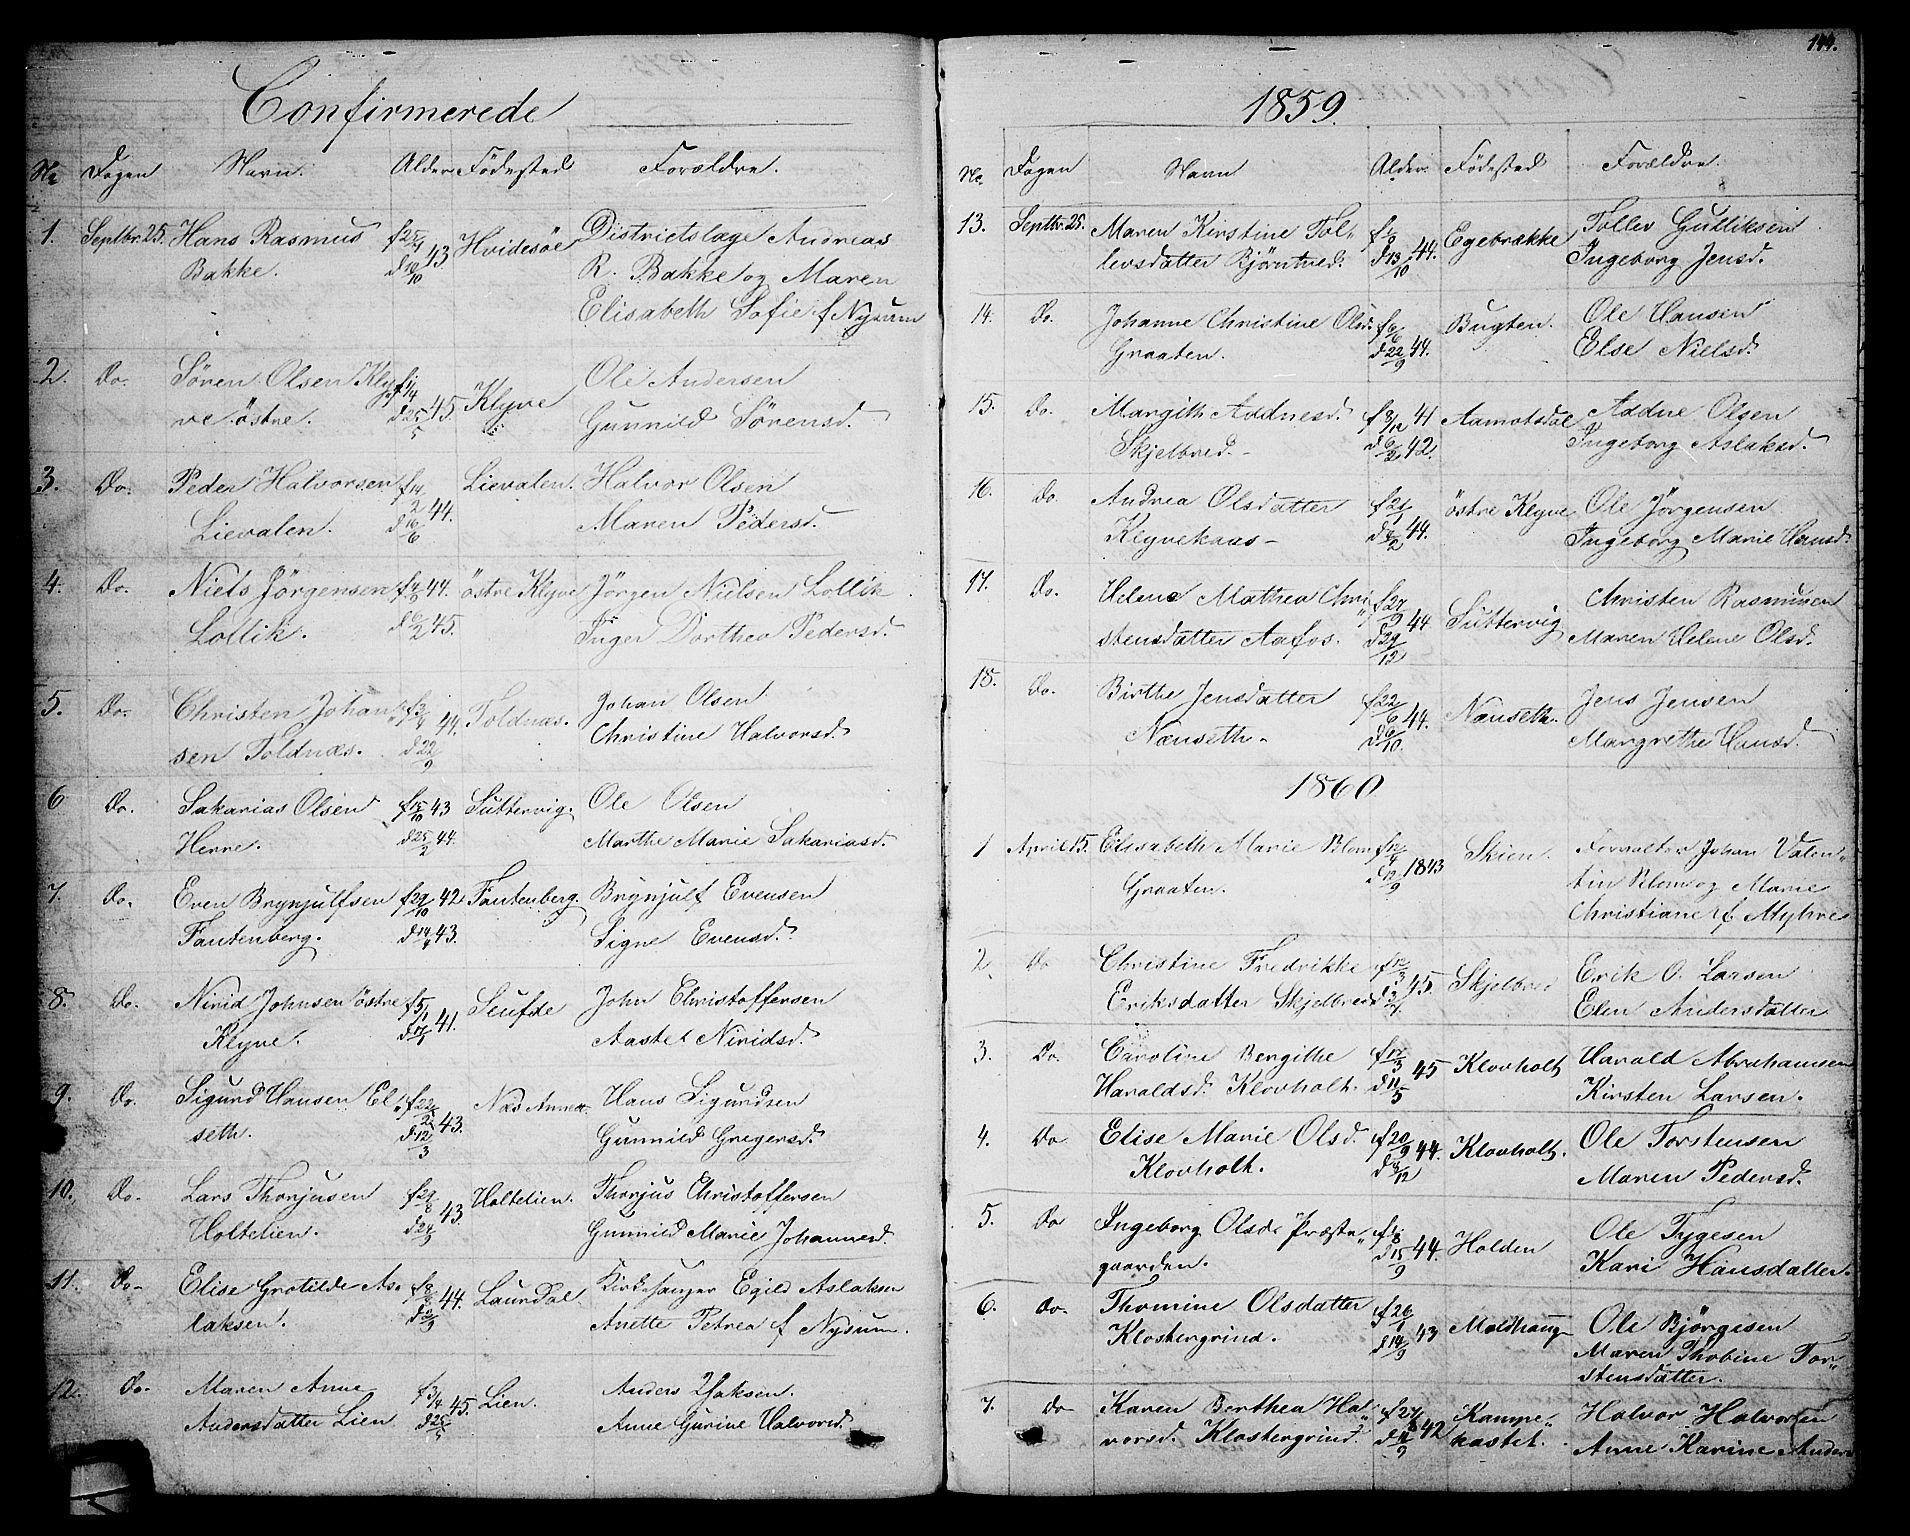 SAKO, Solum kirkebøker, G/Ga/L0004: Klokkerbok nr. I 4, 1859-1876, s. 144